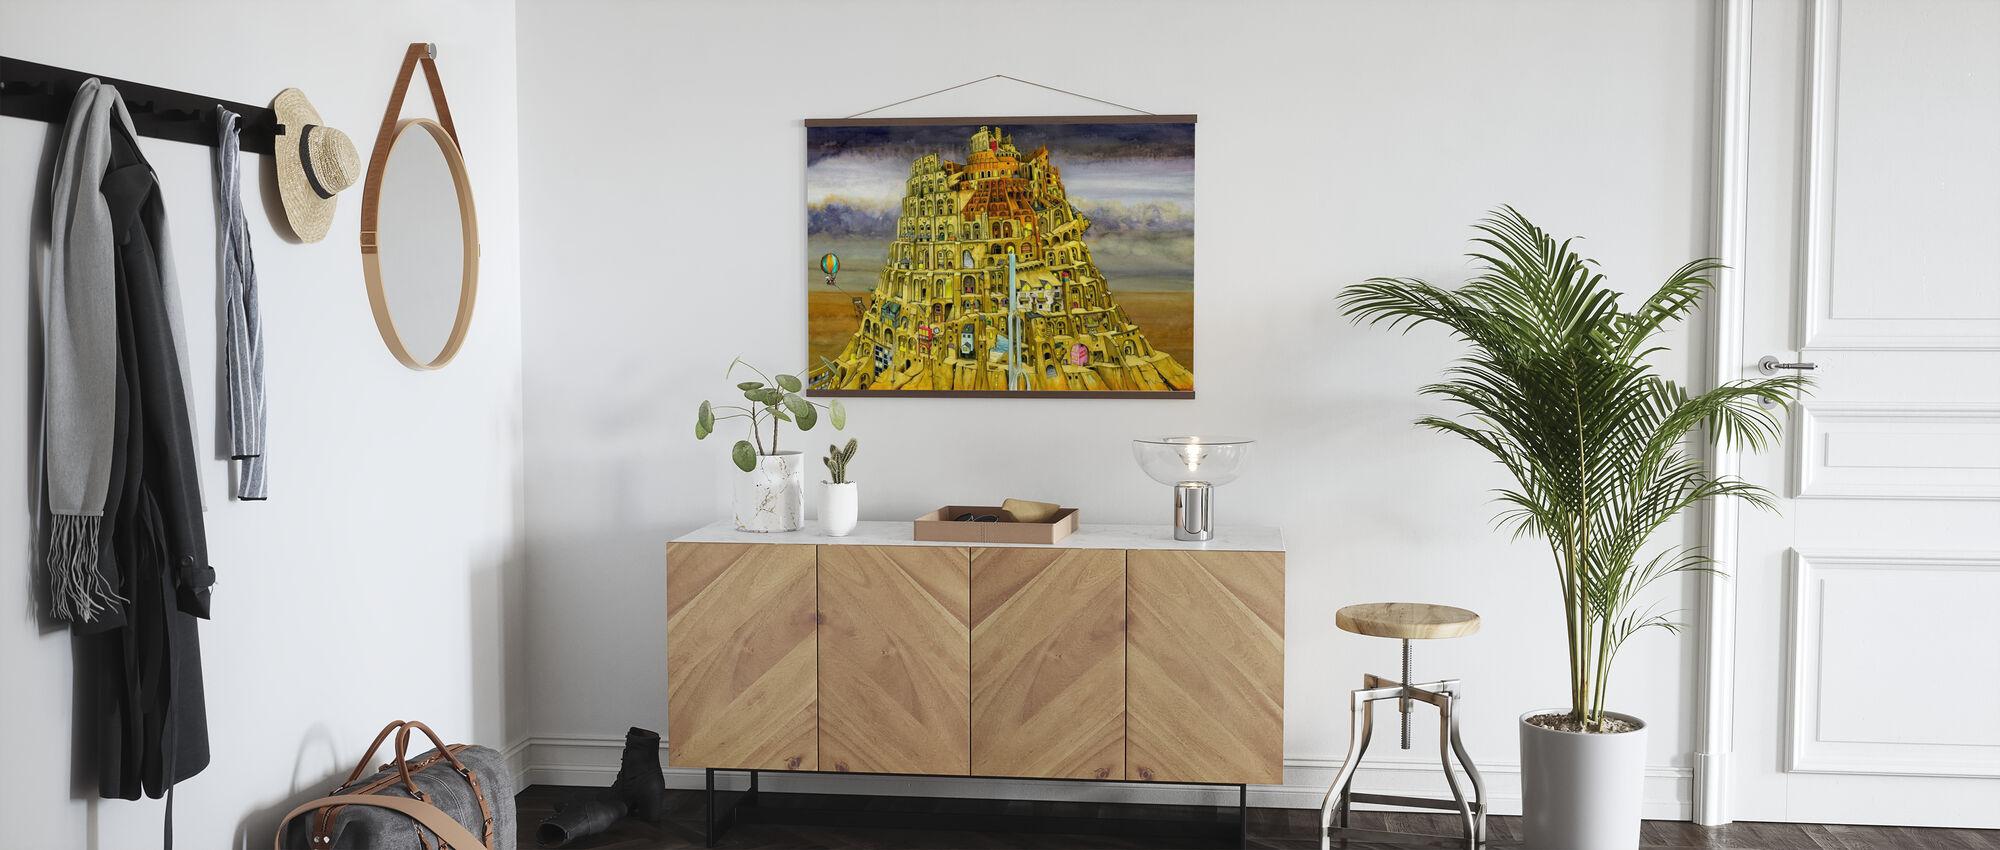 Babele - Poster - Sala